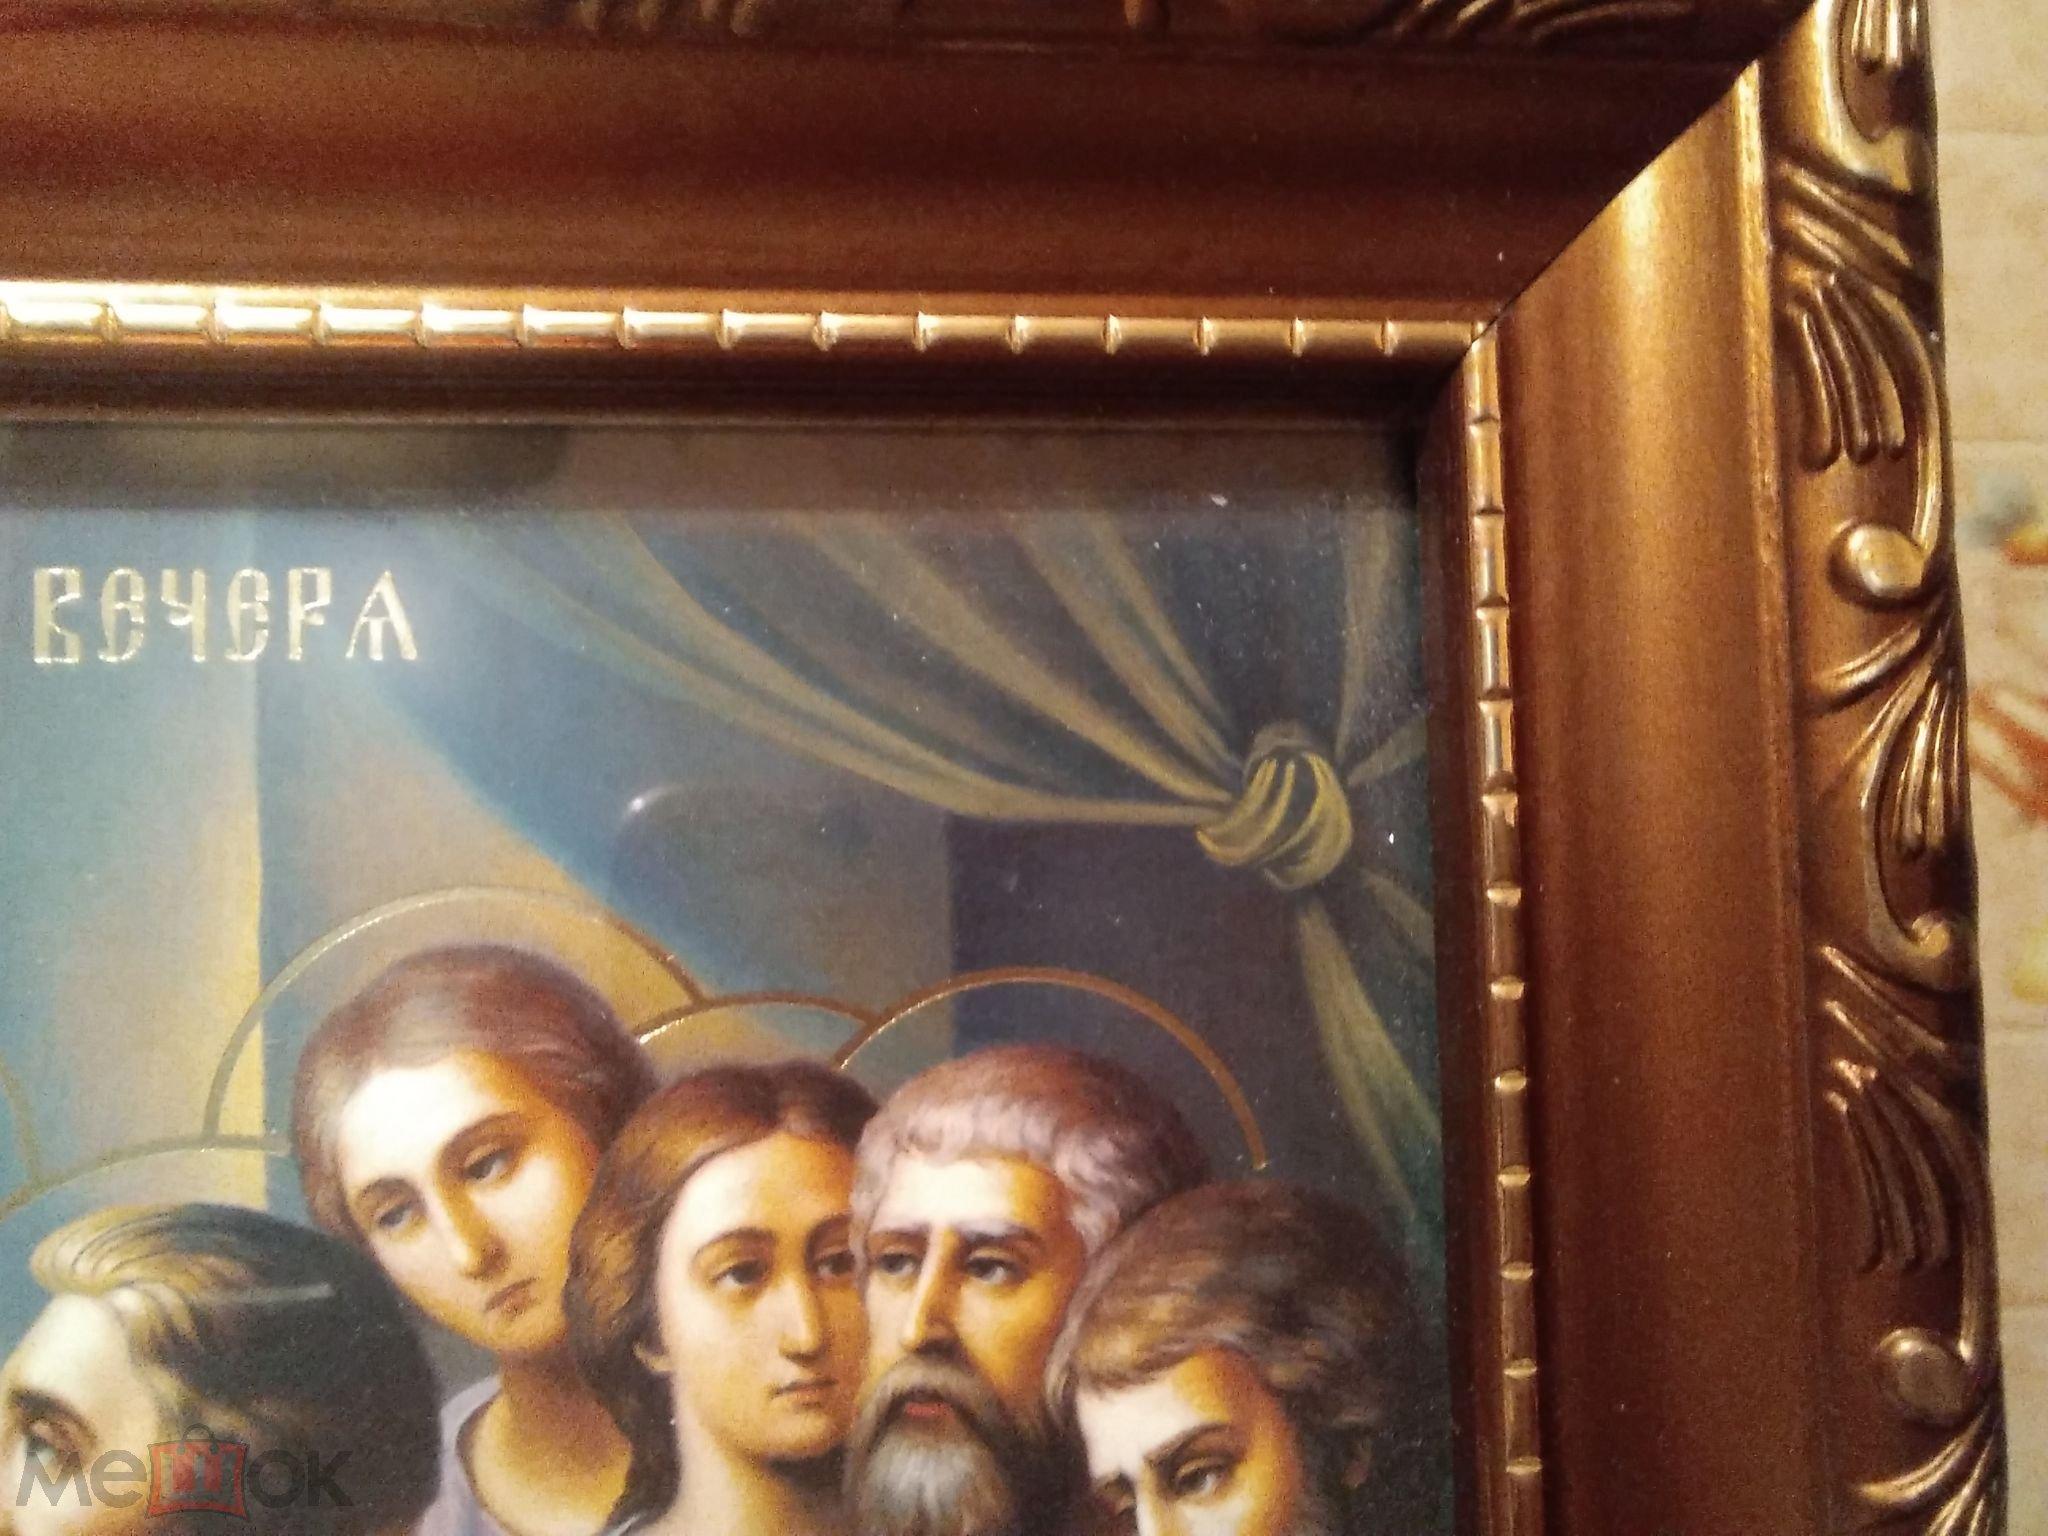 ИКОНА КАРТИНА*ТАЙНАЯ ВЕЧЕРЯ.ИСУС ХРИСТОС. РАМКА ЗОЛОЧЕНИЕ.Размер 32*24см